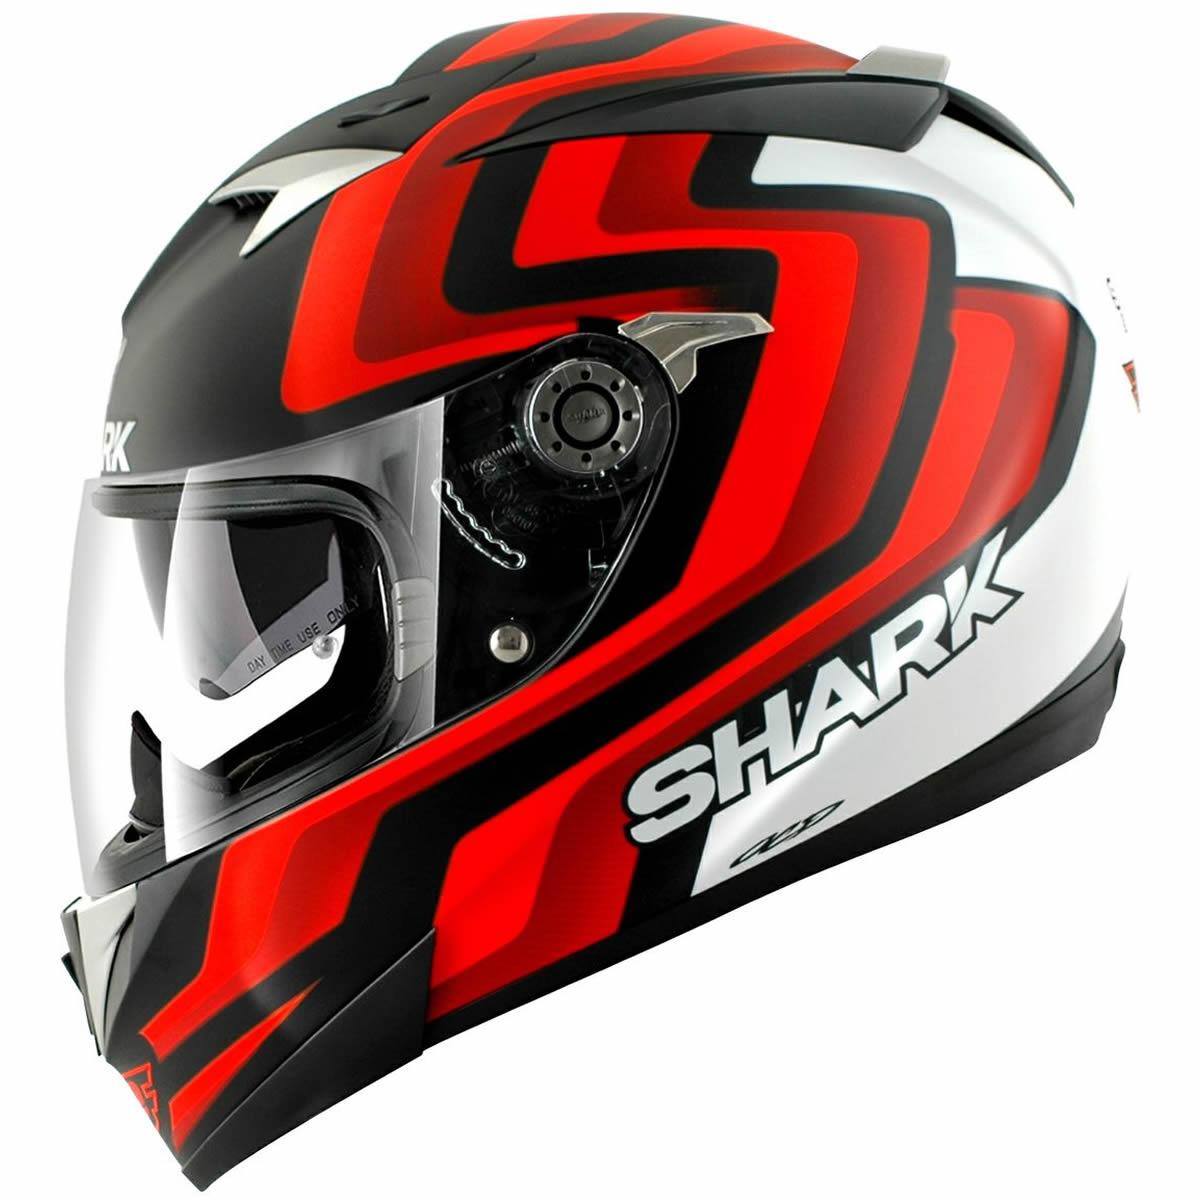 Motorcycle Racing Helmets